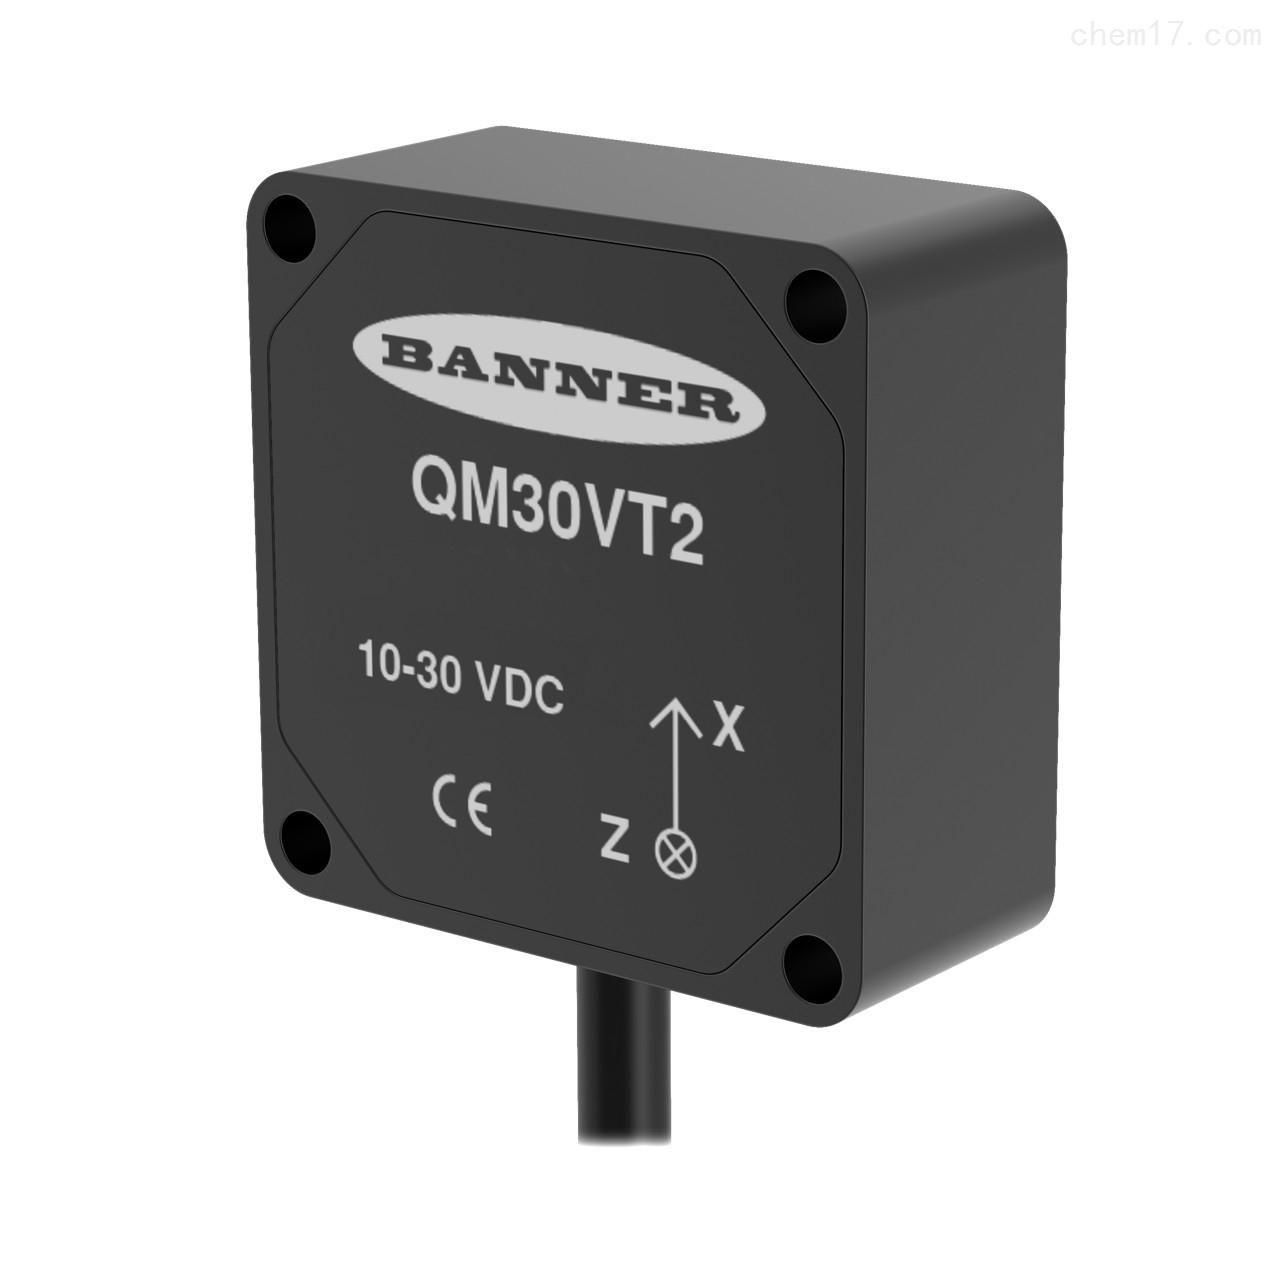 美国邦纳BANNER振动和温度传感器